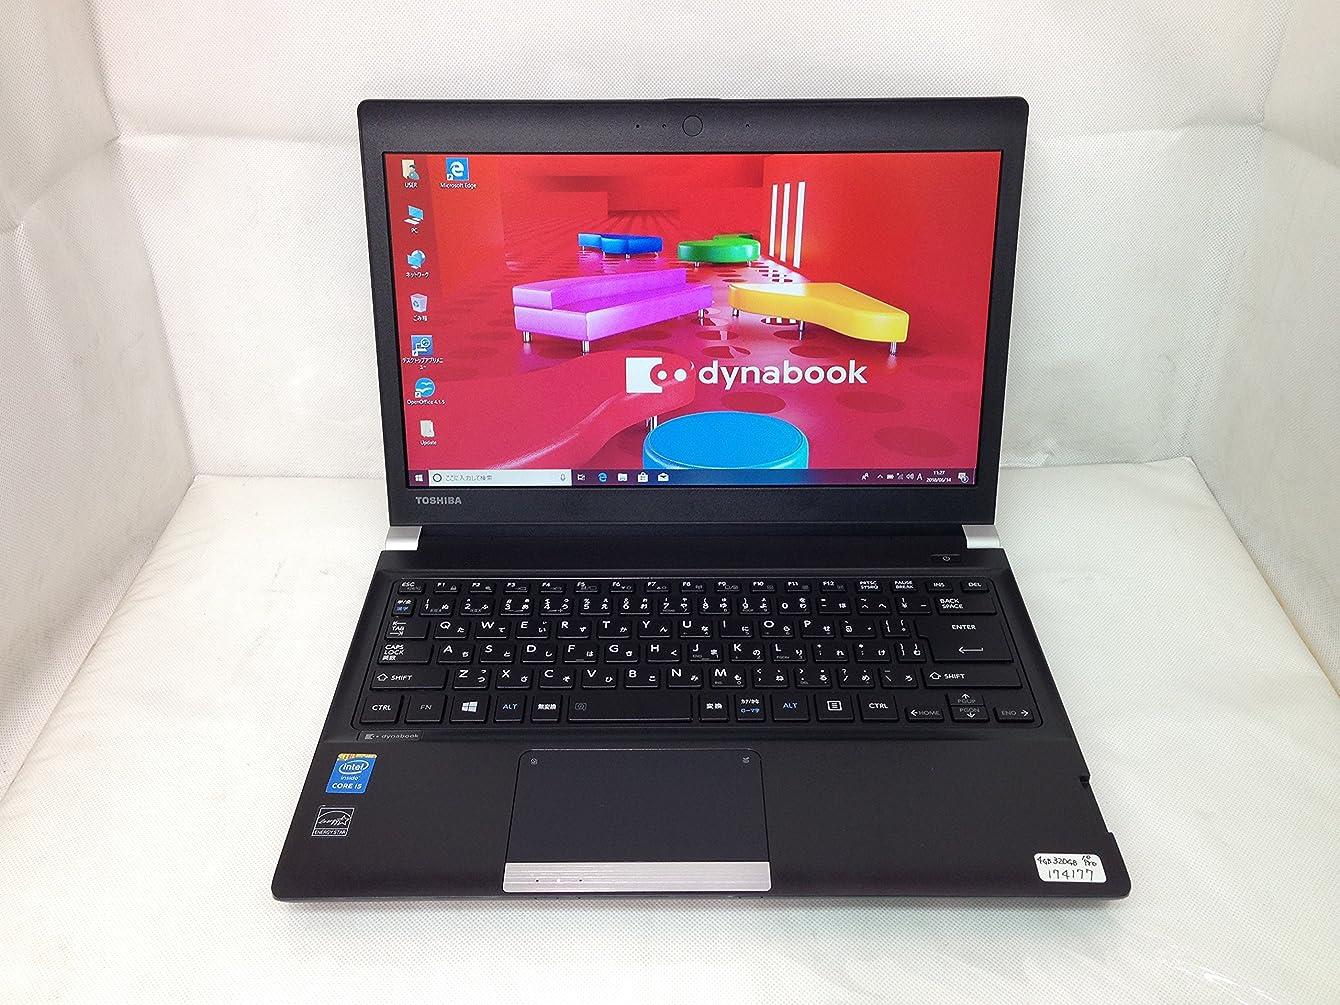 皮肉な火山の腸【中古】 東芝 Dynabook R734/M ノートパソコン Core i5 4310M 2.7GHz メモリ4GB HDD320GB DVDスーパーマルチ 13インチ Windows10 Professional 64bit PR734MAA1R7JD31